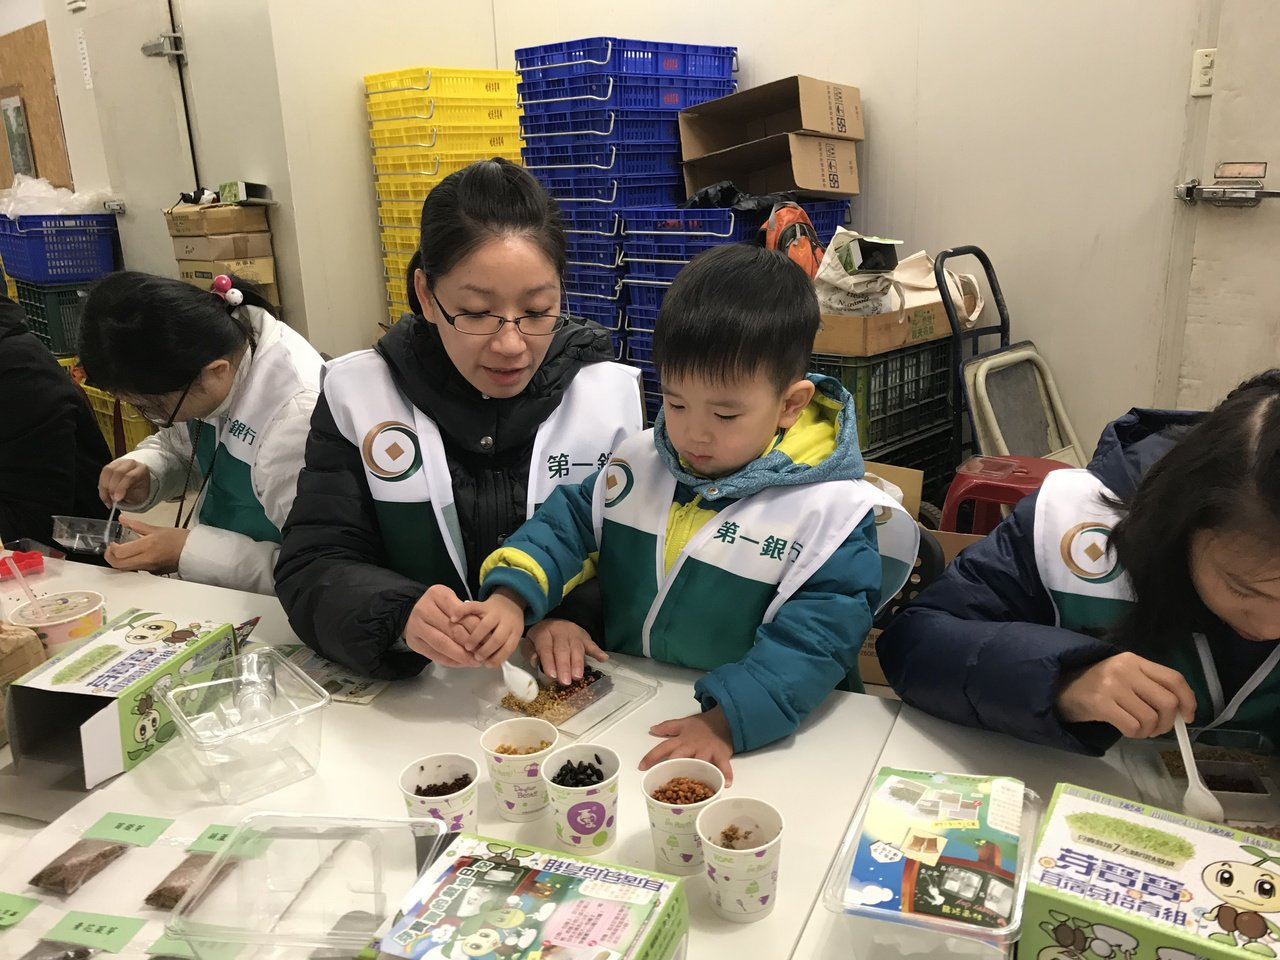 第一銀行全台送愛今年號召逾2,400志工投入公益。圖 /第一銀行